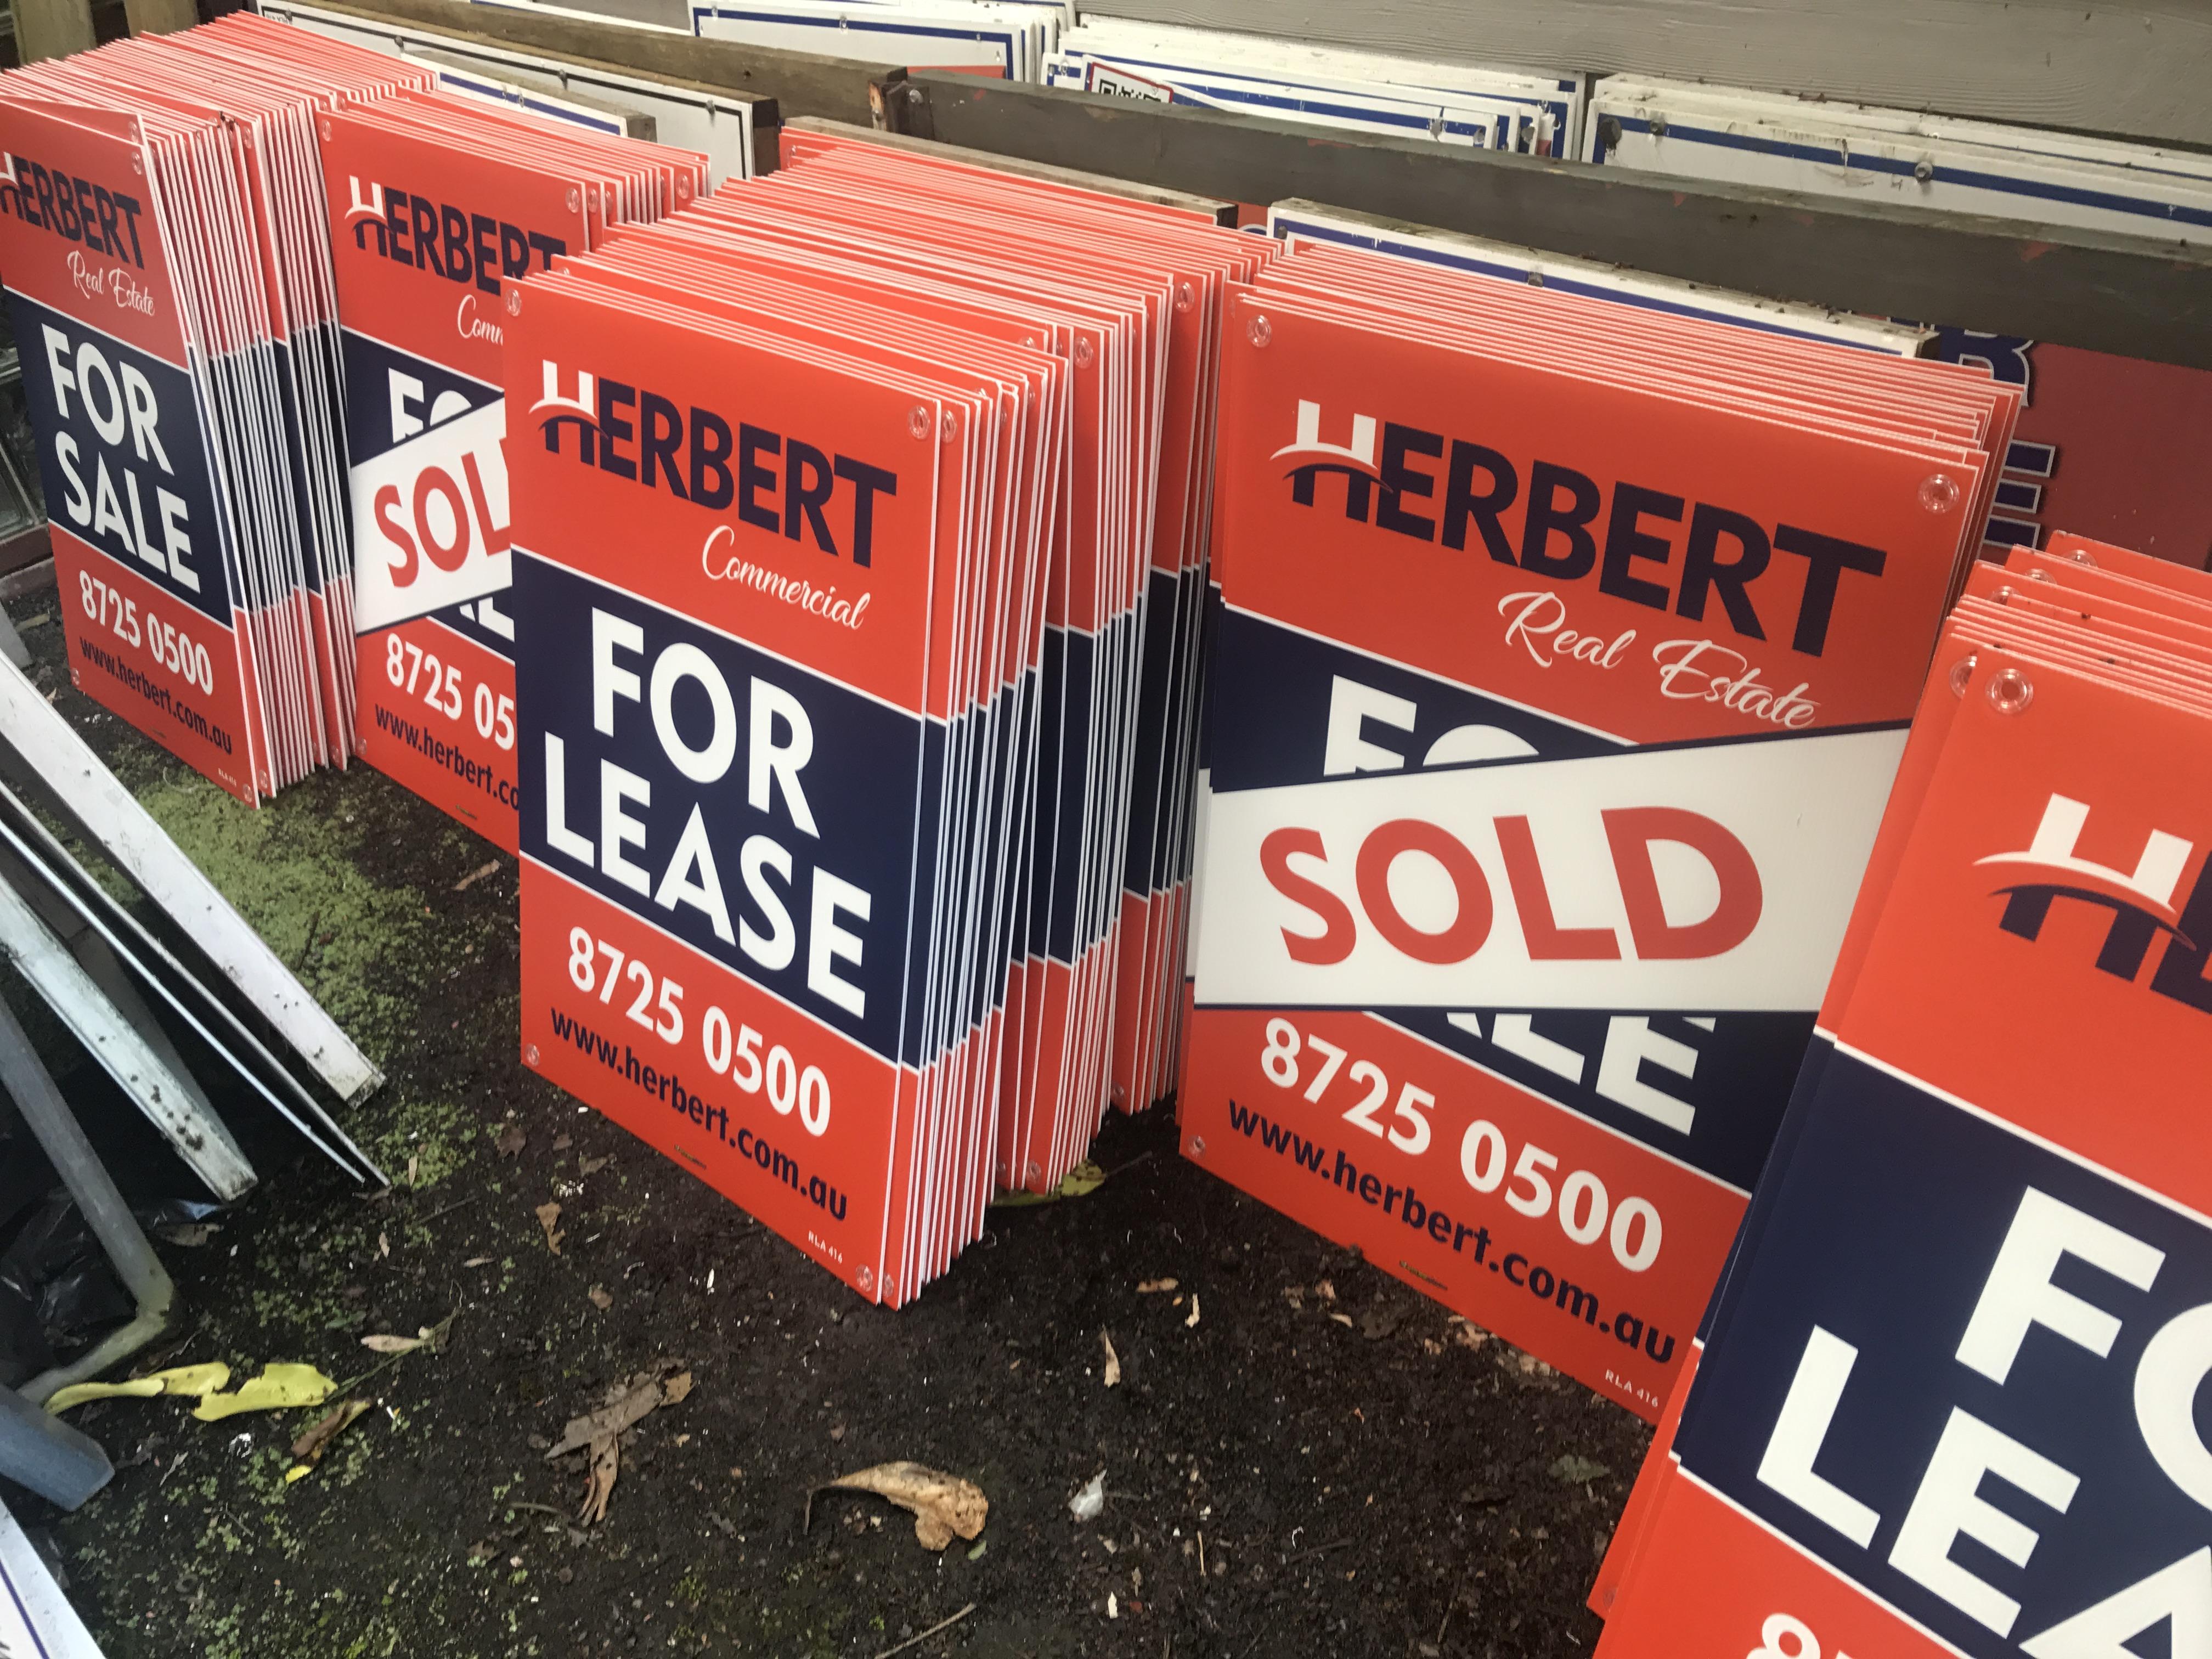 Herbert Real Estate Coflute Signs